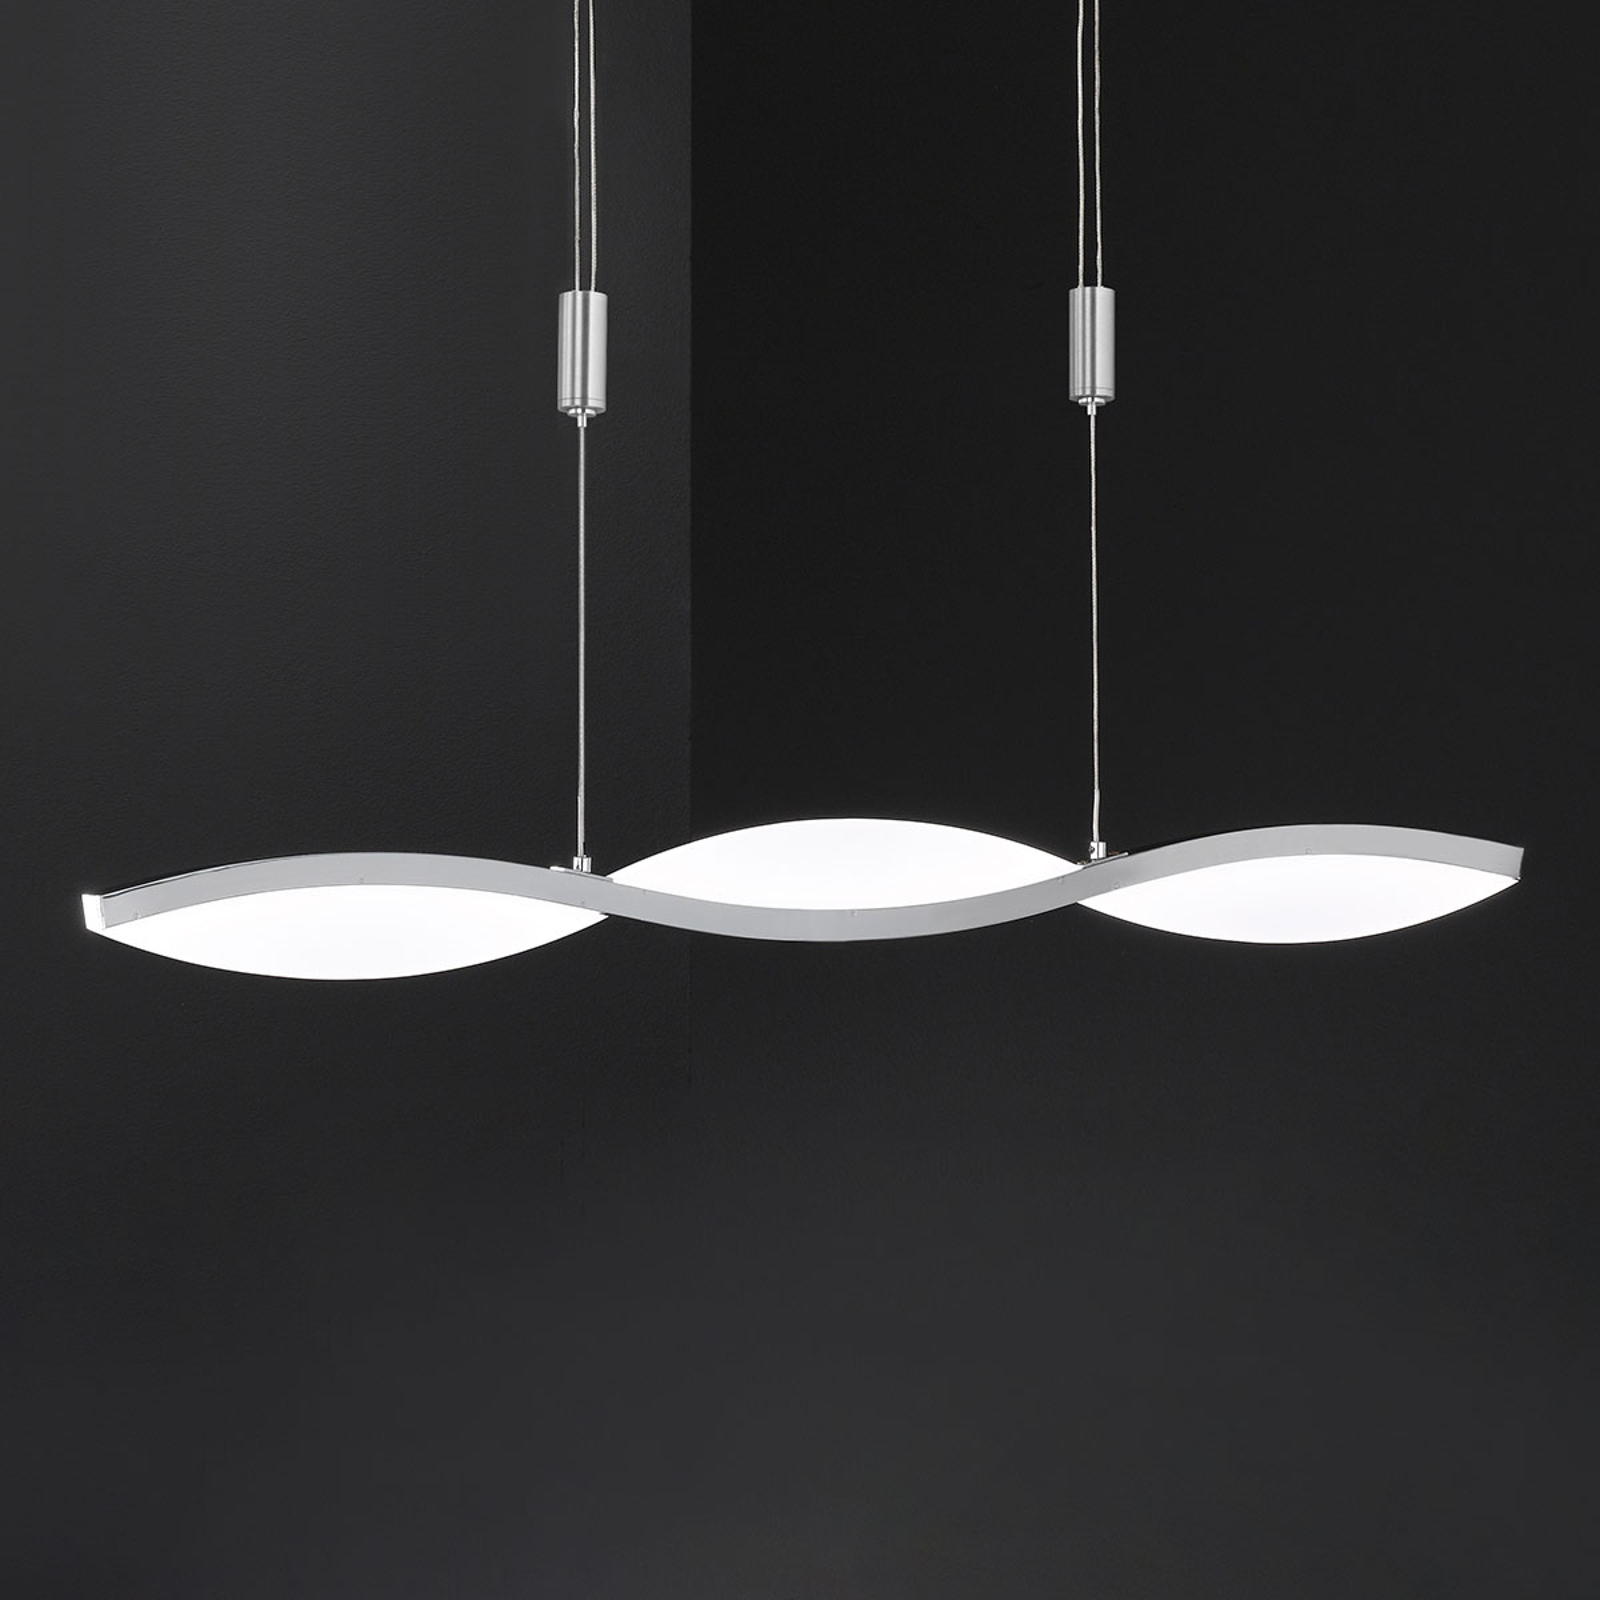 LED-Hängeleuchte Freya, höhenverstellbar